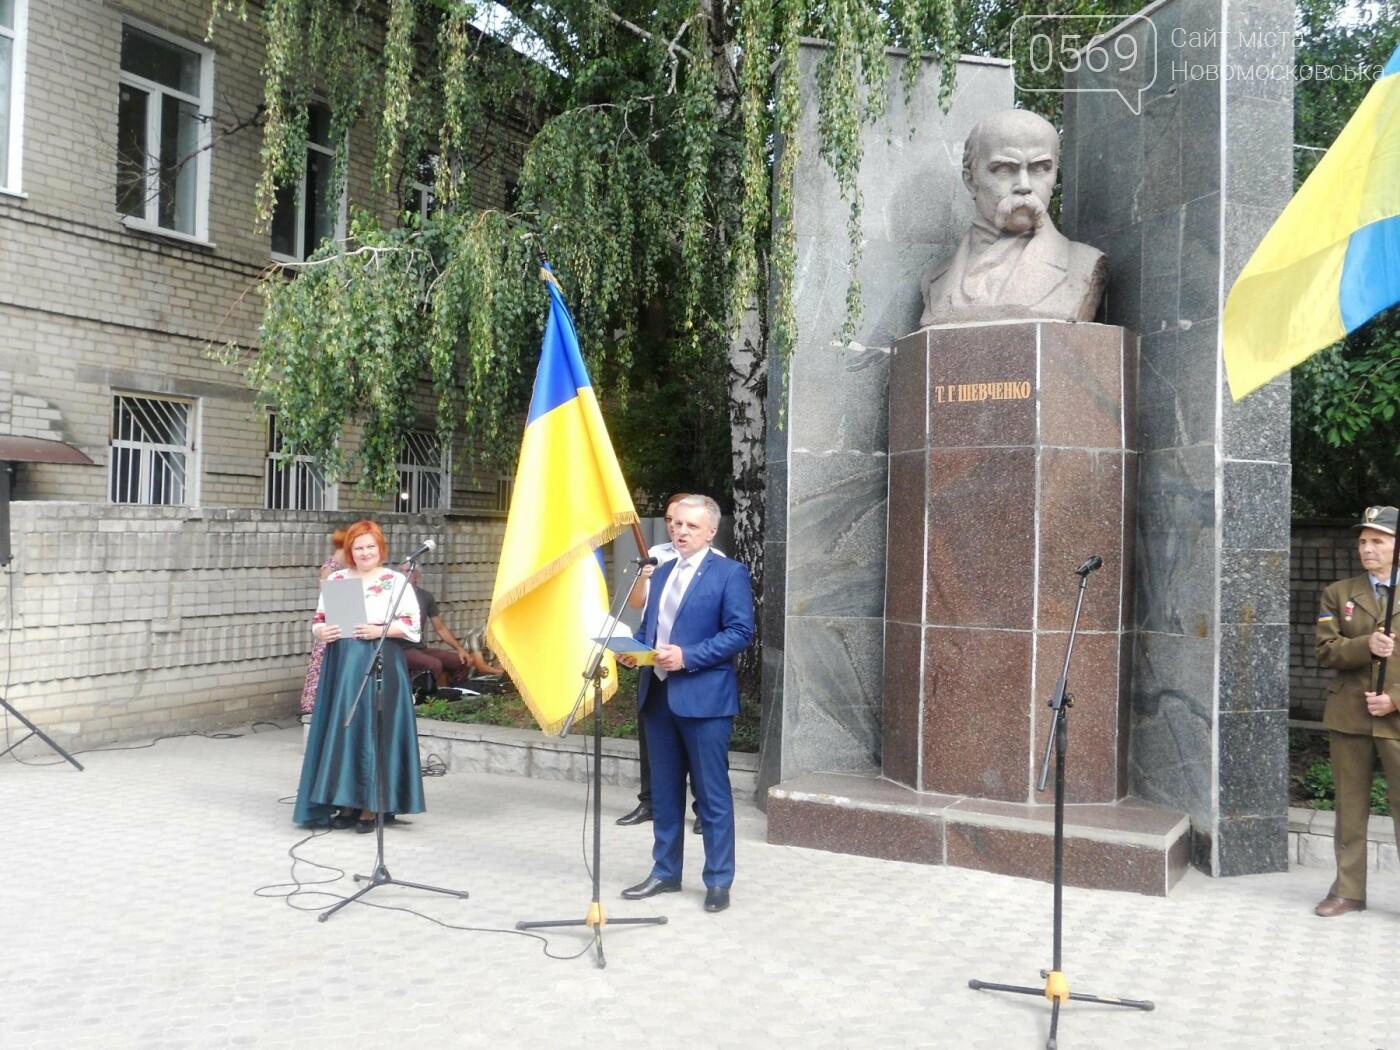 У Новомосковську пройшли урочистості з нагоди Дня Конституції України, фото-5